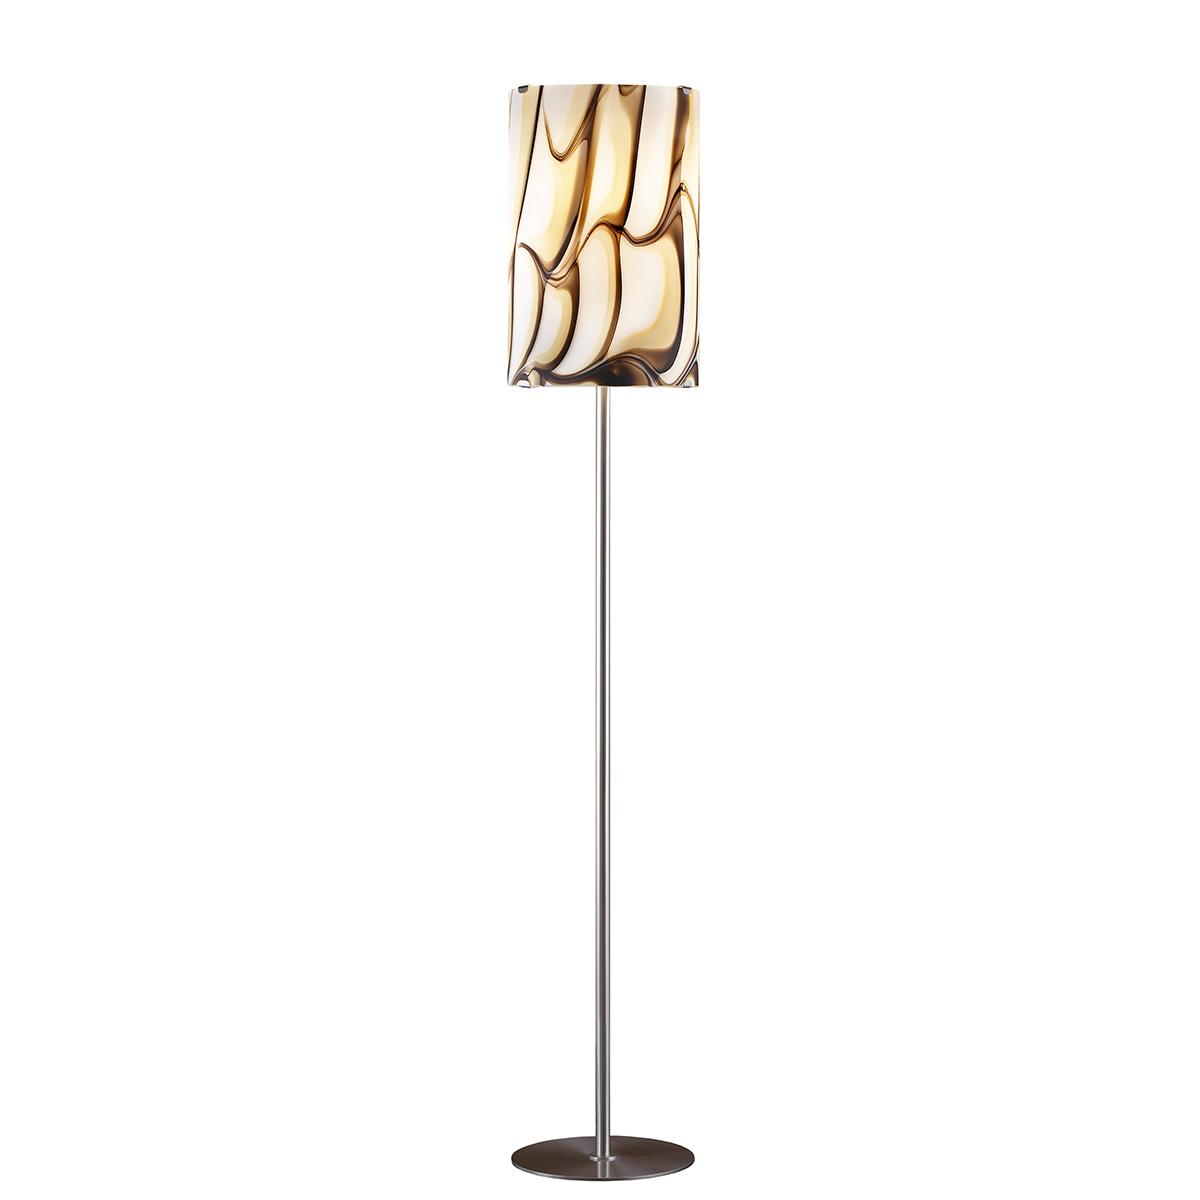 Μοντέρνο φωτιστικό δαπέδου COLORE modern floor lamp